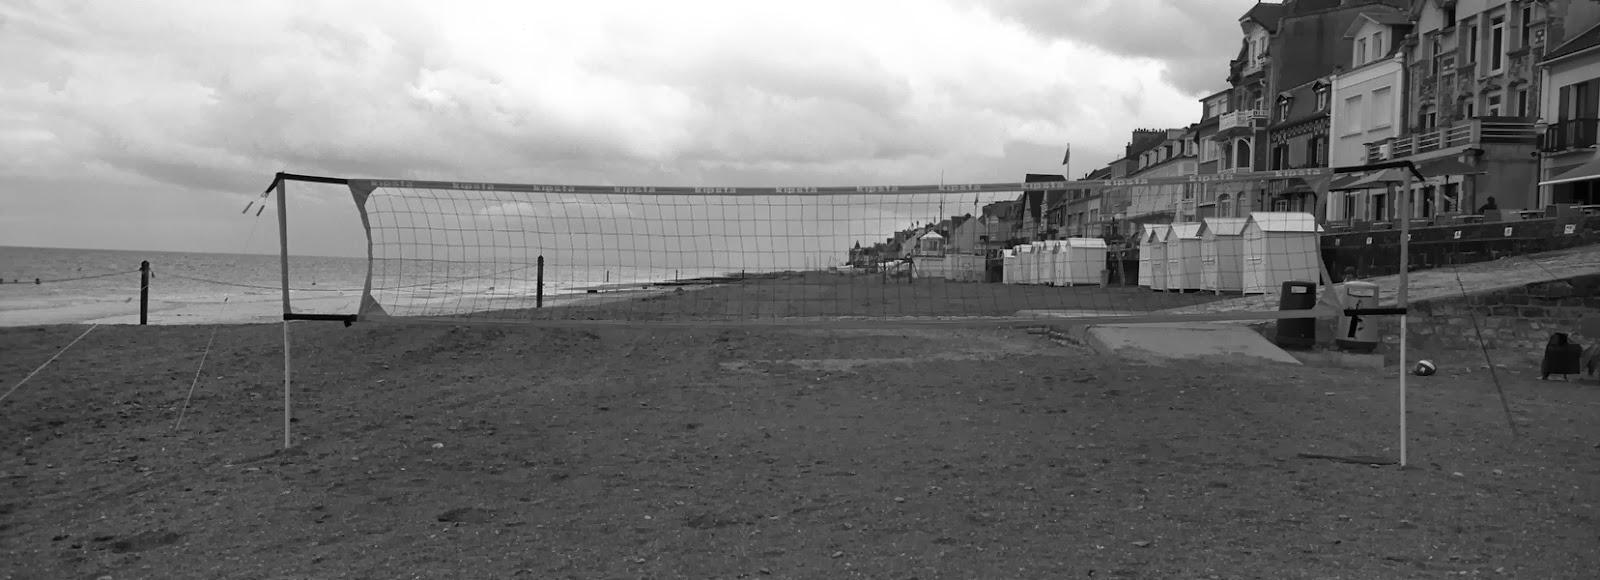 St Aubin sur mer